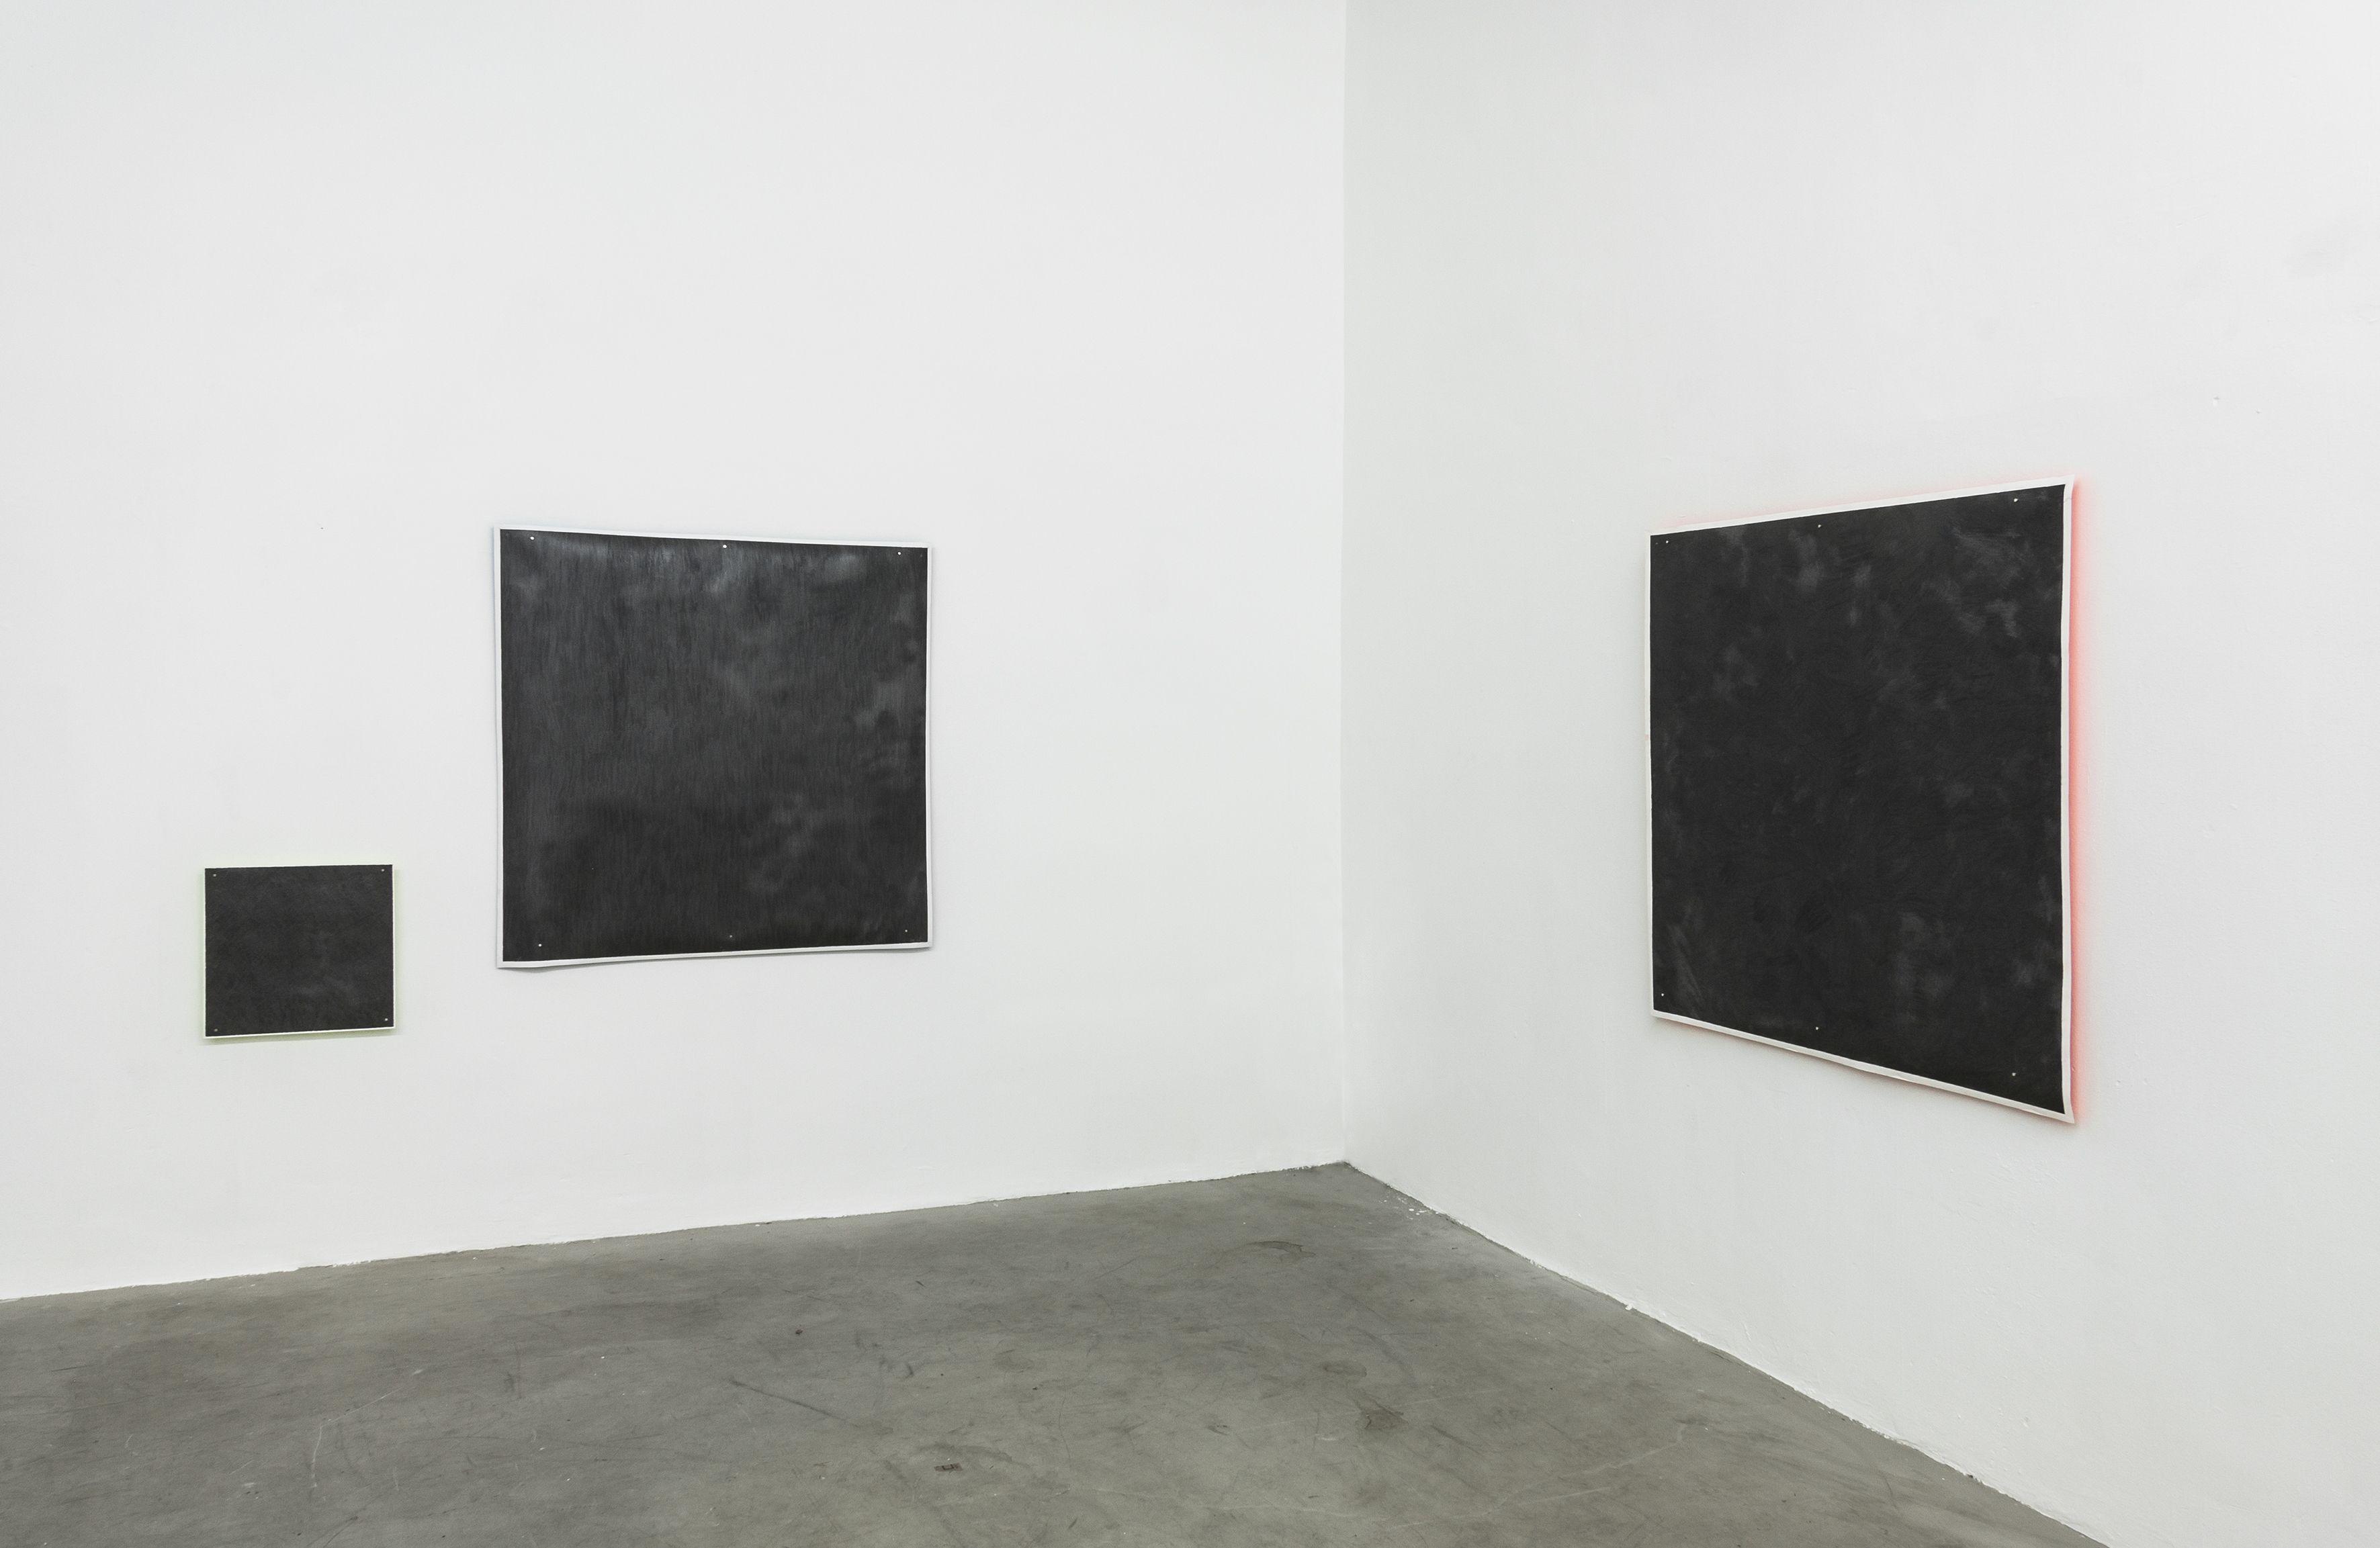 Installation des Künstlers Philip Emde